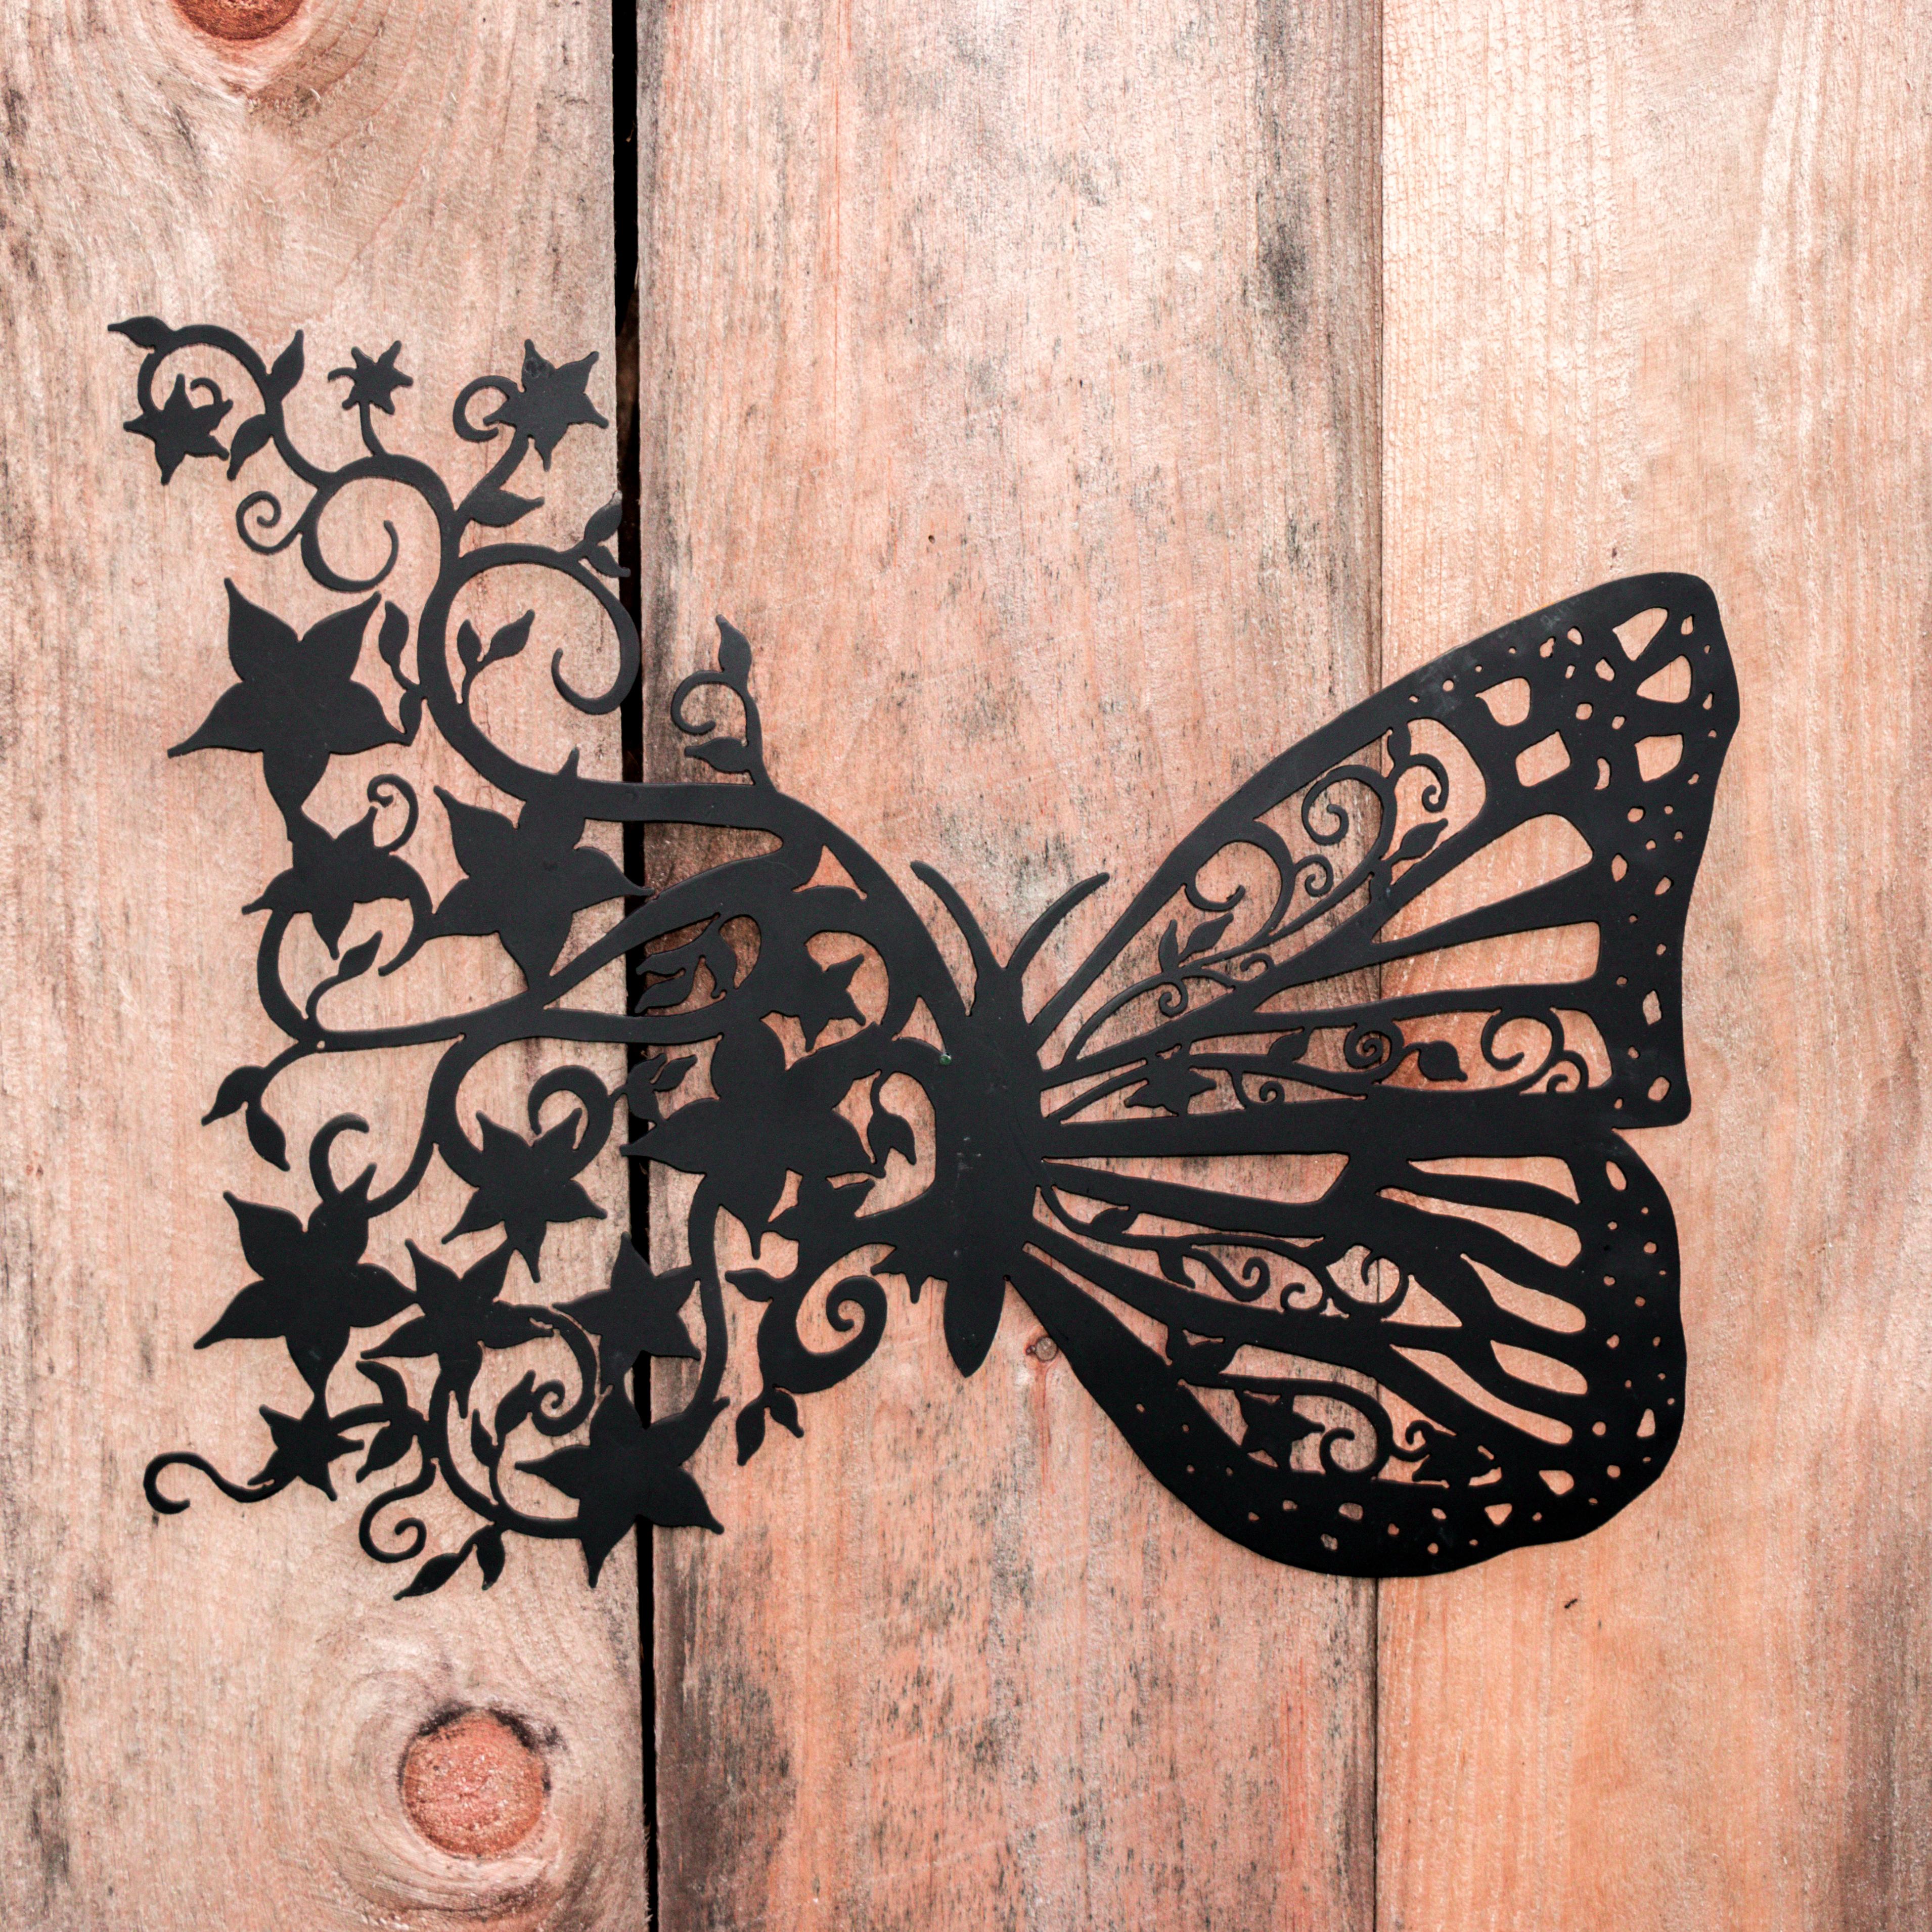 Butterfly Flights Of Fancy Custom Metal Wall Art